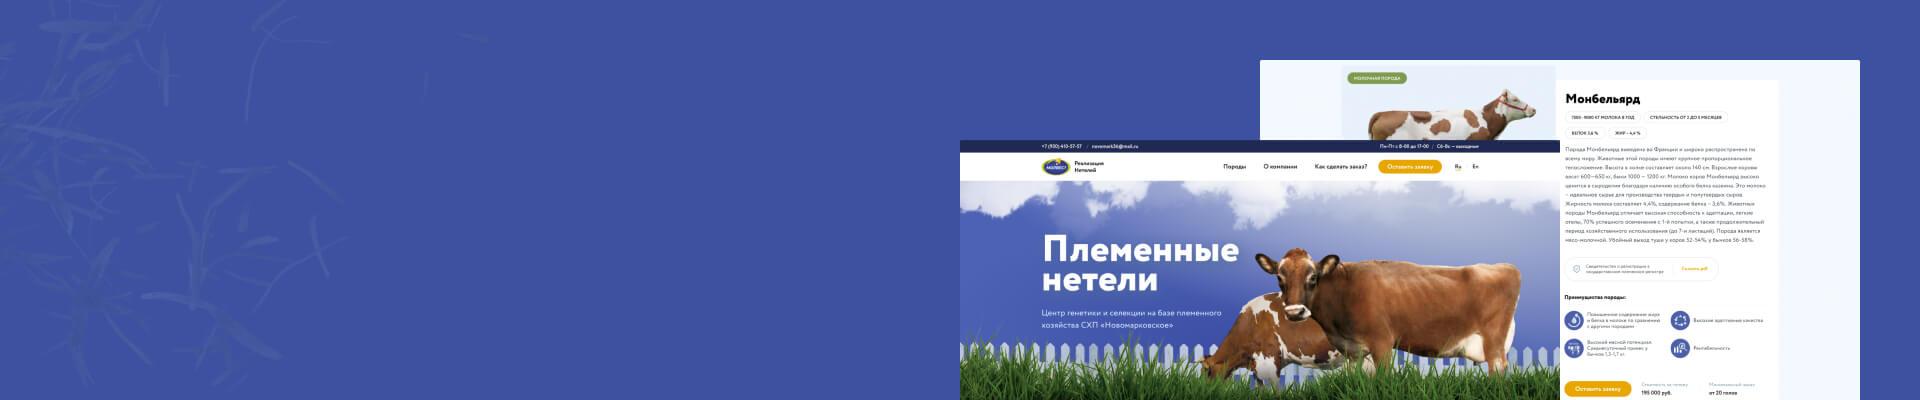 neteli.molvest.ru